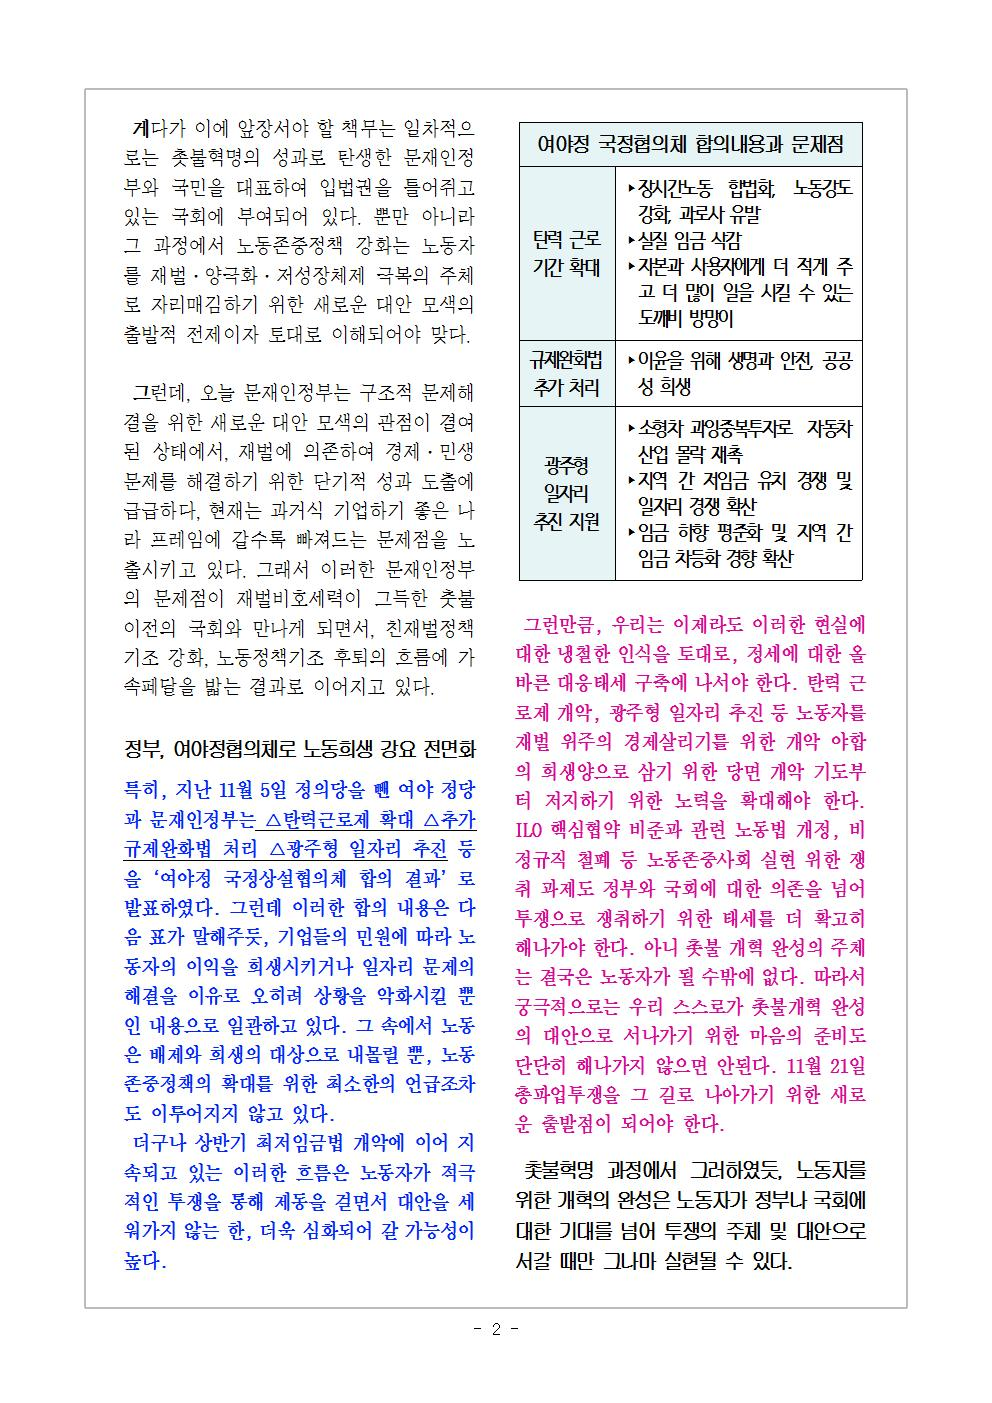 [2018 교육지-12] 11.21 총파업_수정002.jpg